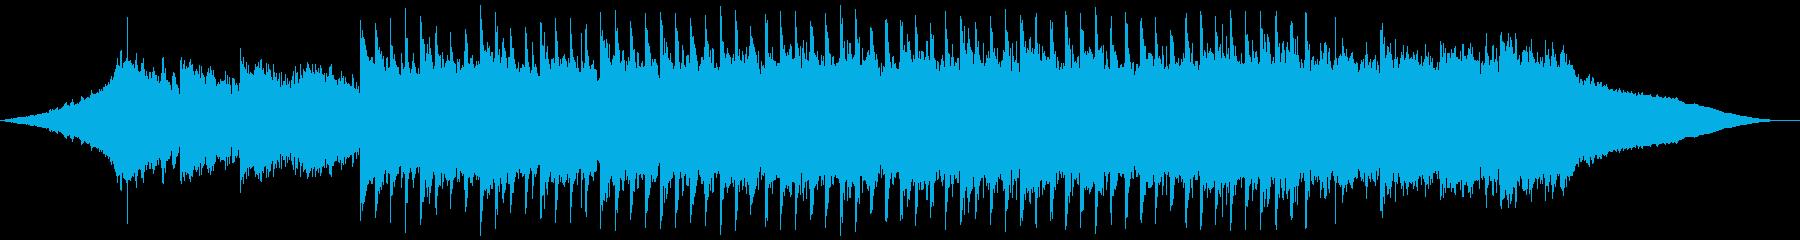 企業VP、コーポレート、明るい曲,60sの再生済みの波形